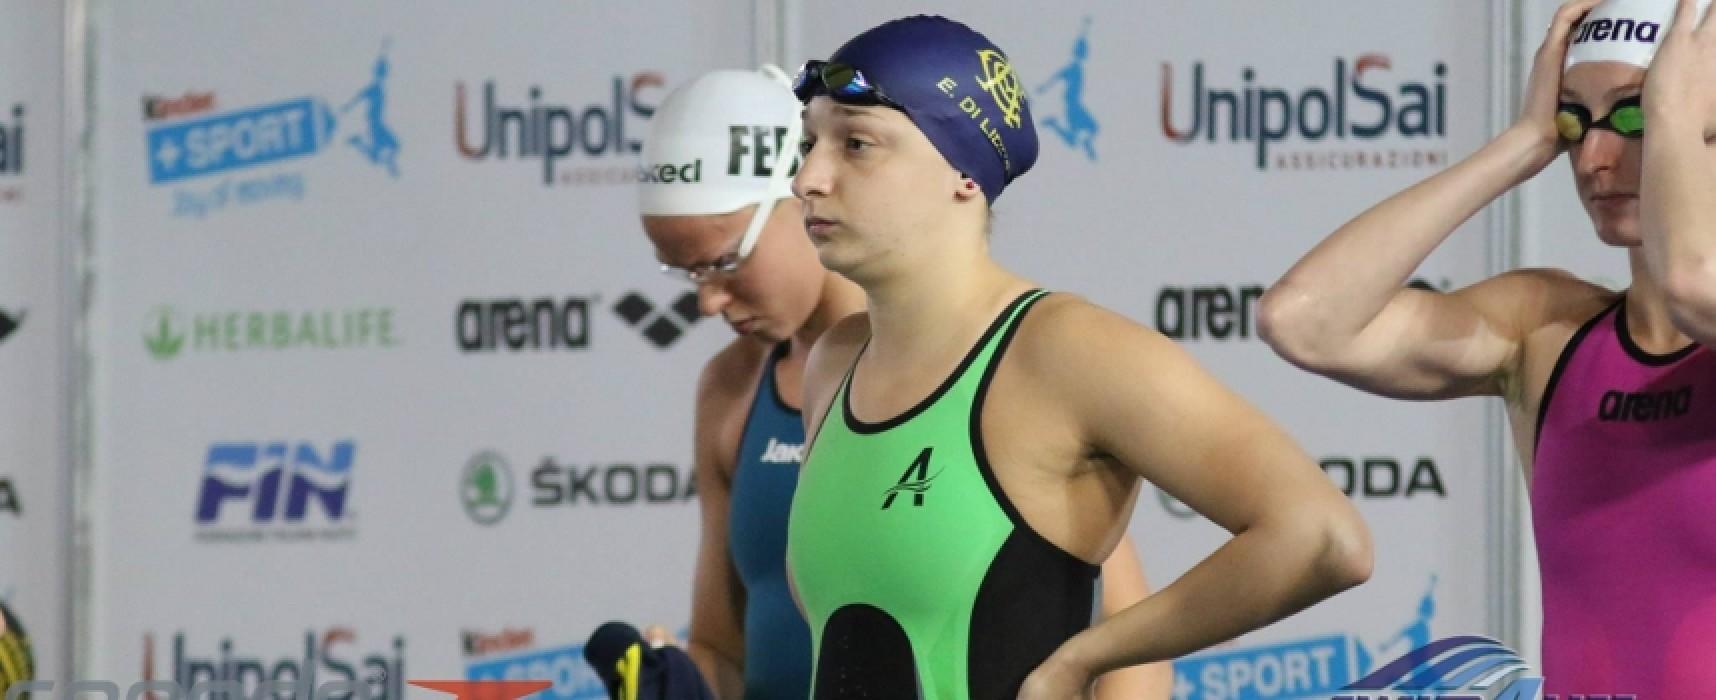 """Internazionali d'Italia """"Trofeo Settecolli"""", medaglia d'argento per Elena Di Liddo nei 100 farfalla"""